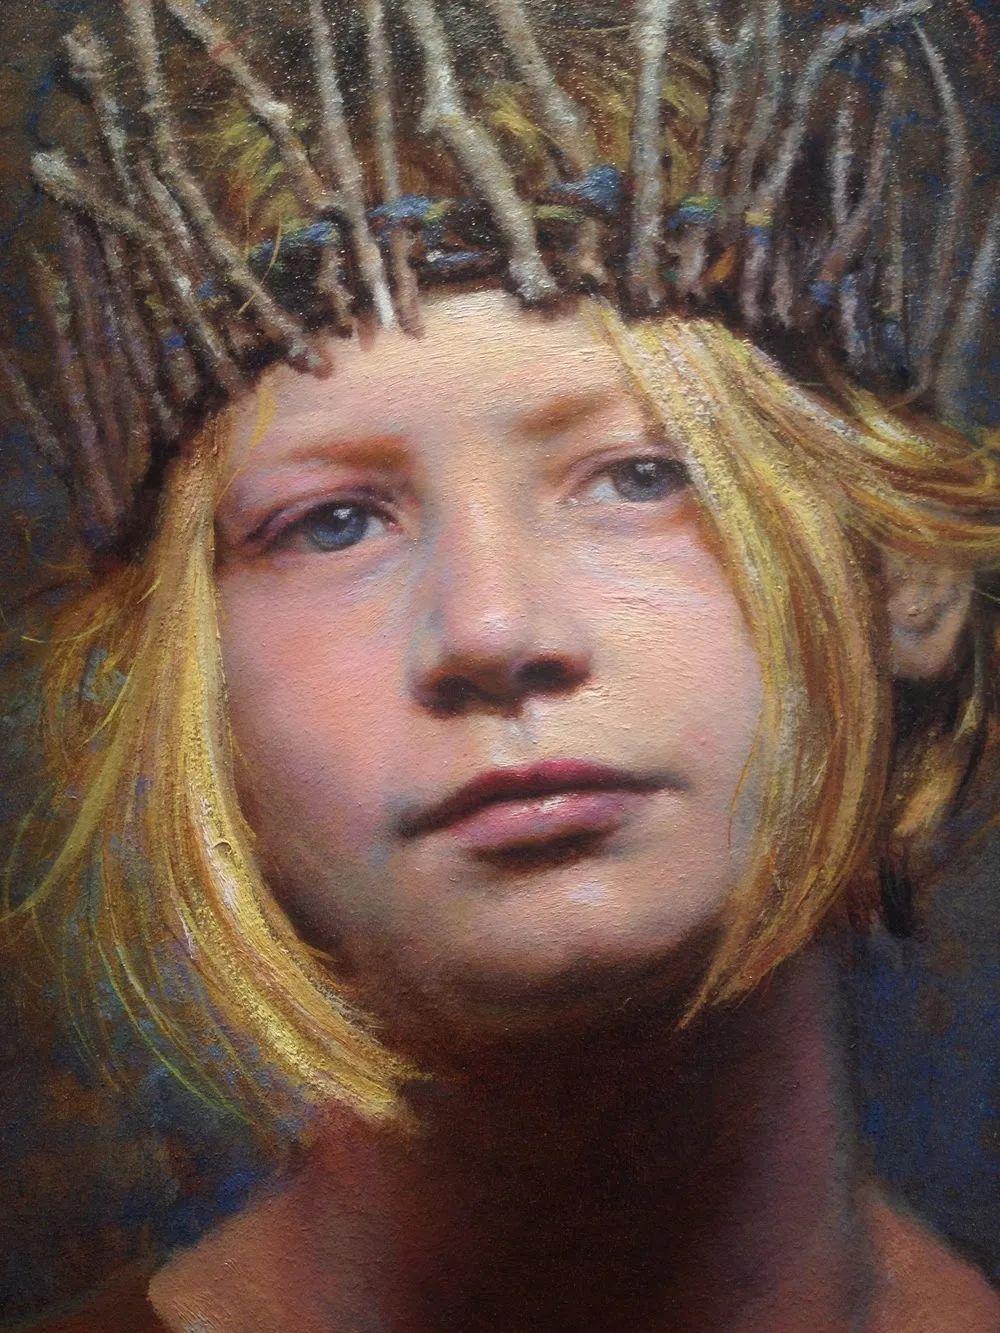 有趣而独特的人物肖像画,美国画家塞思·哈维坎普插图12